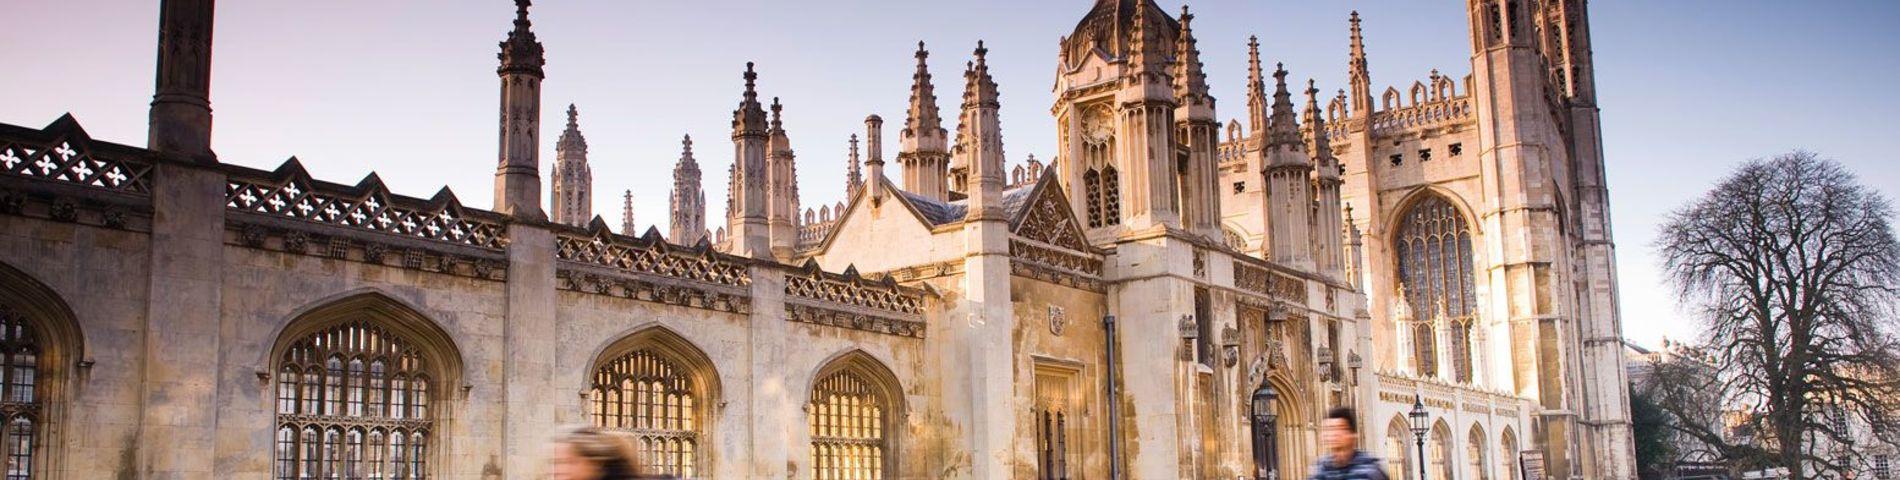 Oxford Spires Junior Centre picture 1